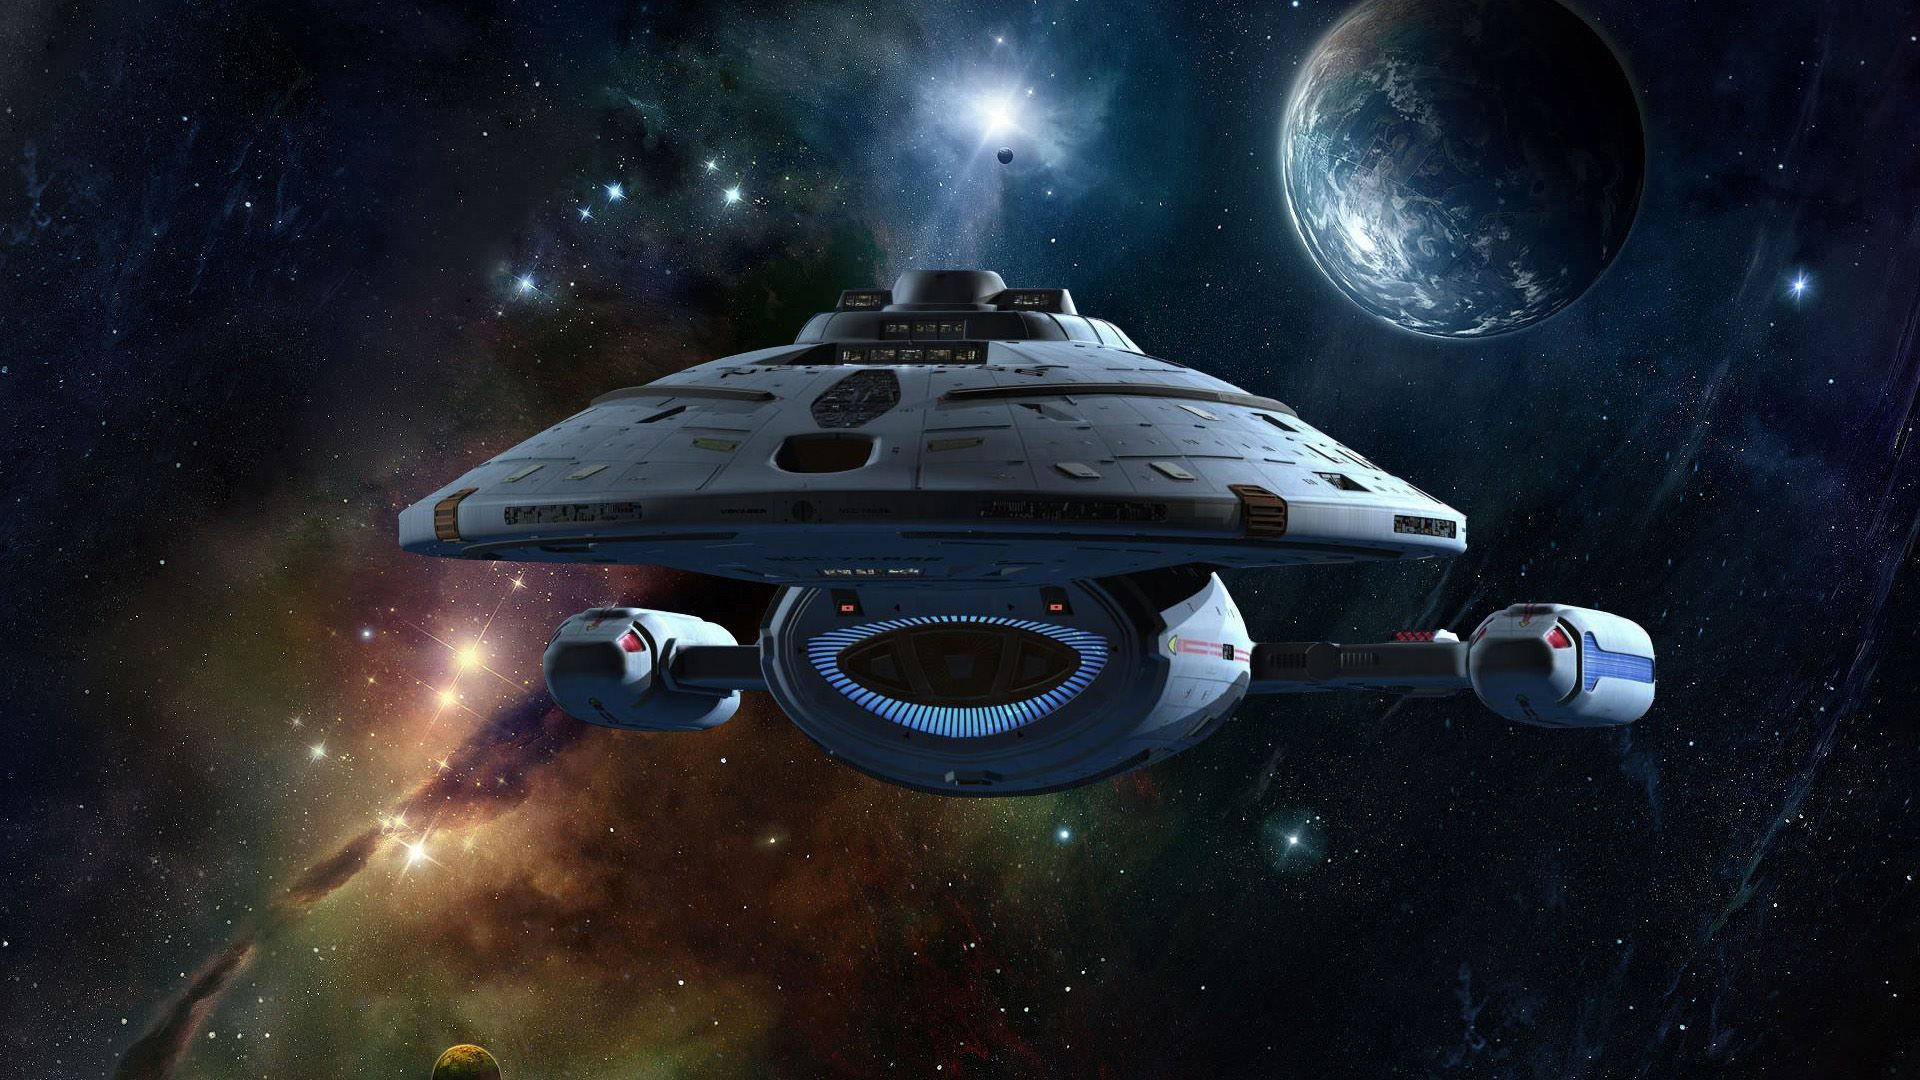 Star trek voyager spacecraft -